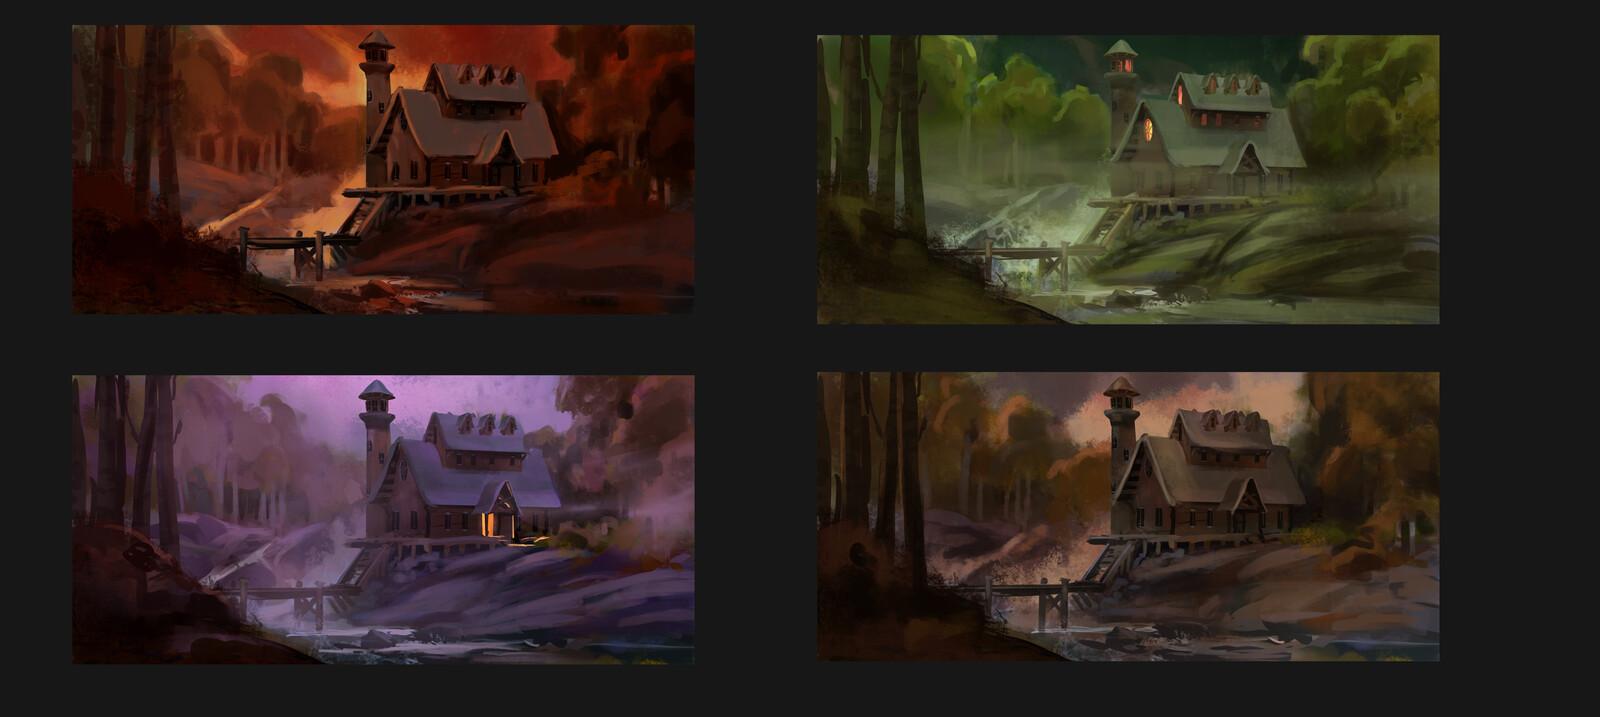 Surreal Color Scenarios